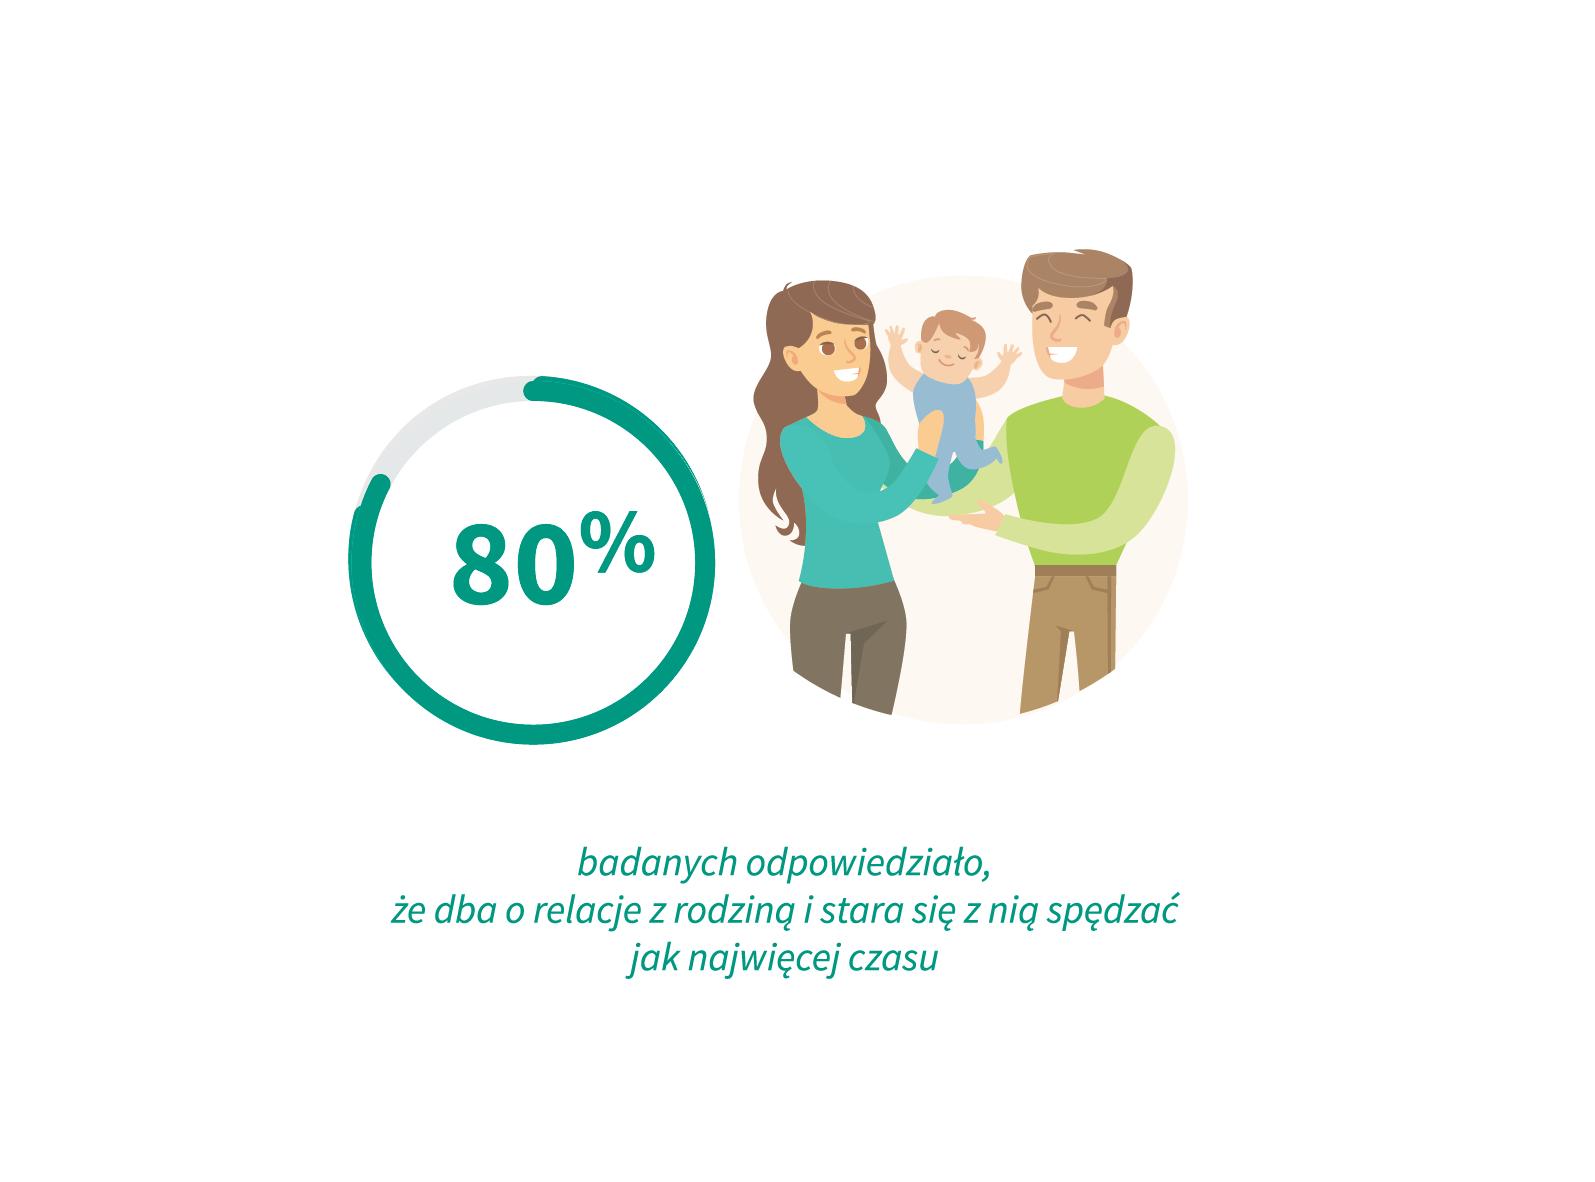 80 proc. badanych odpowiedziało, że dba o relacje z rodziną i stara się z nią spędzać jak najwięcej czasu